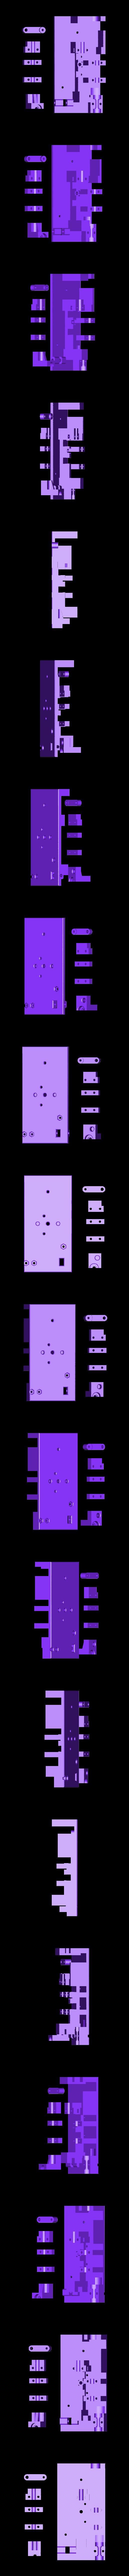 Chassis_V3_4.stl Télécharger fichier STL gratuit Windkraft-Anlage (pausiert - warte auf Teile aus China) • Plan pour impression 3D, CoffeCup